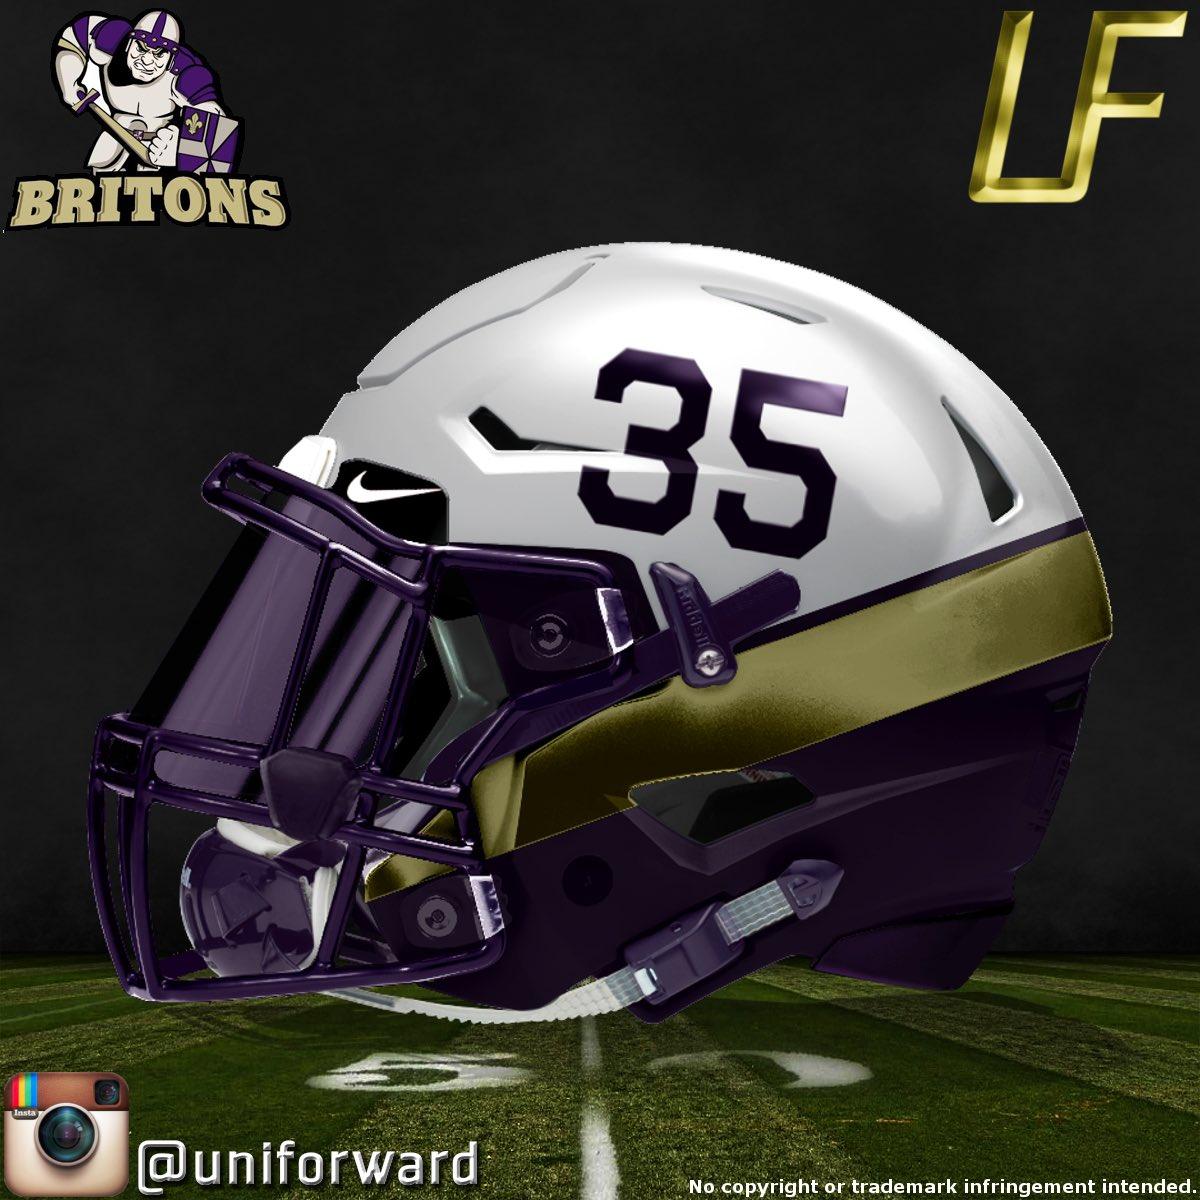 """Uniforward on Twitter: """"Concept helmet for the Albion ..."""